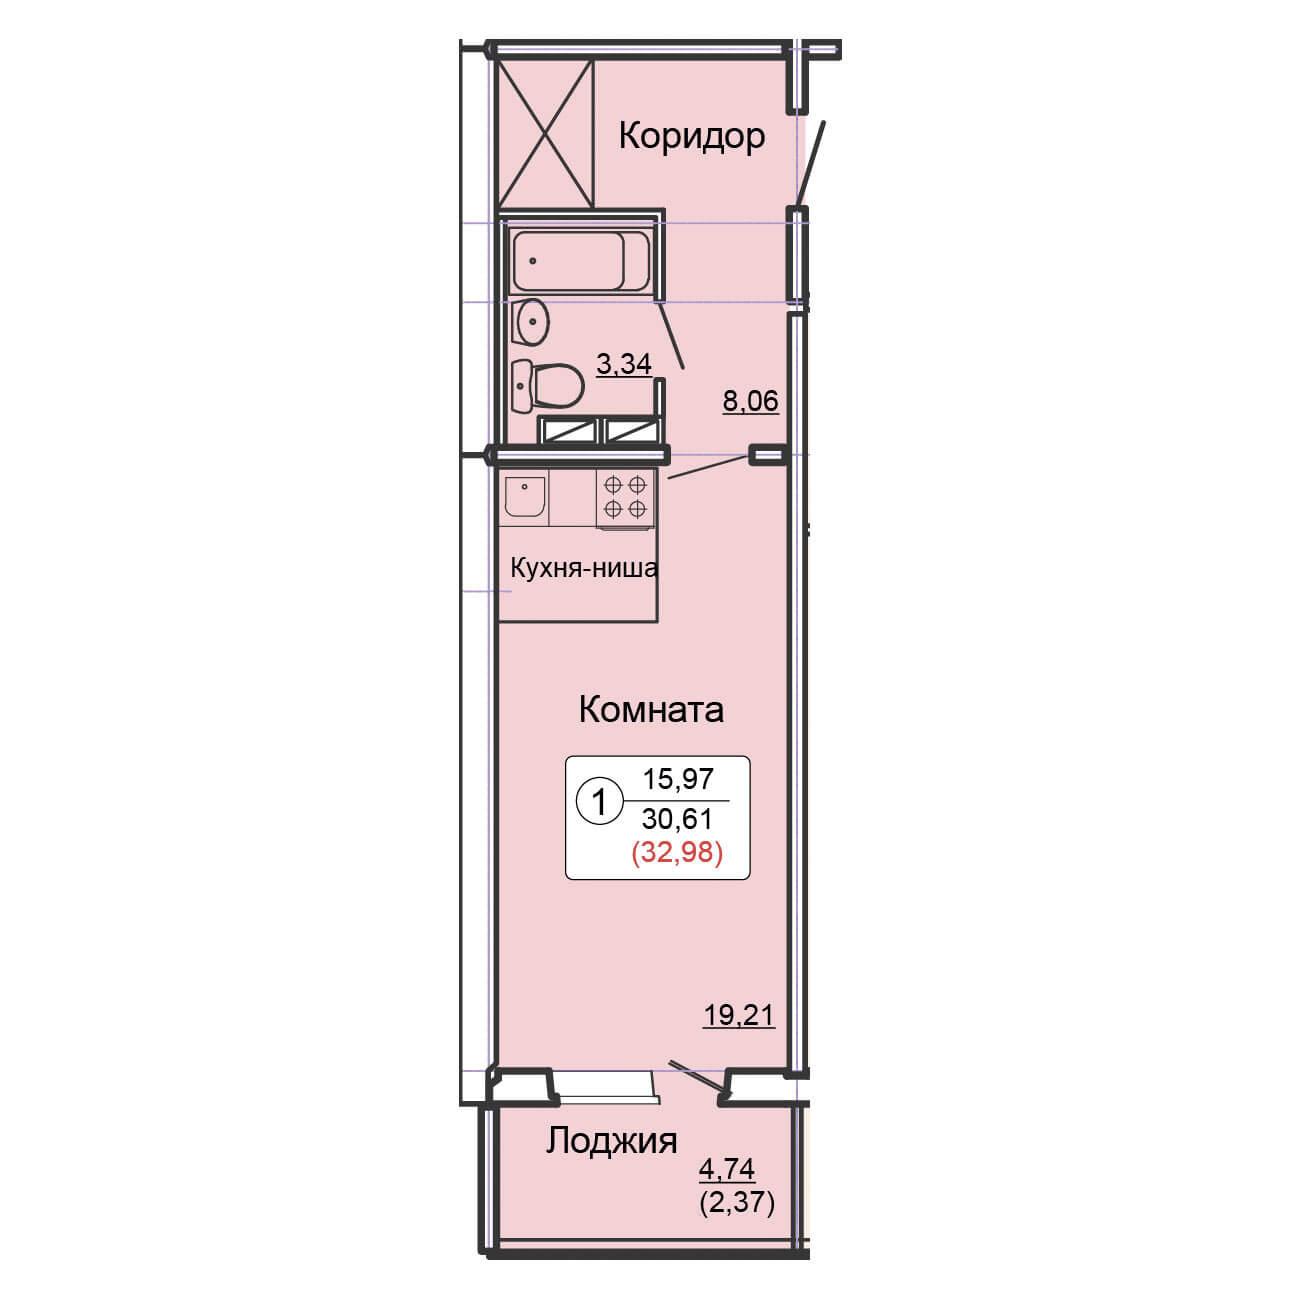 Студия 32.98 м<sup>2</sup>, «Сл. Курочкины», ул. Потребкооперации, 44